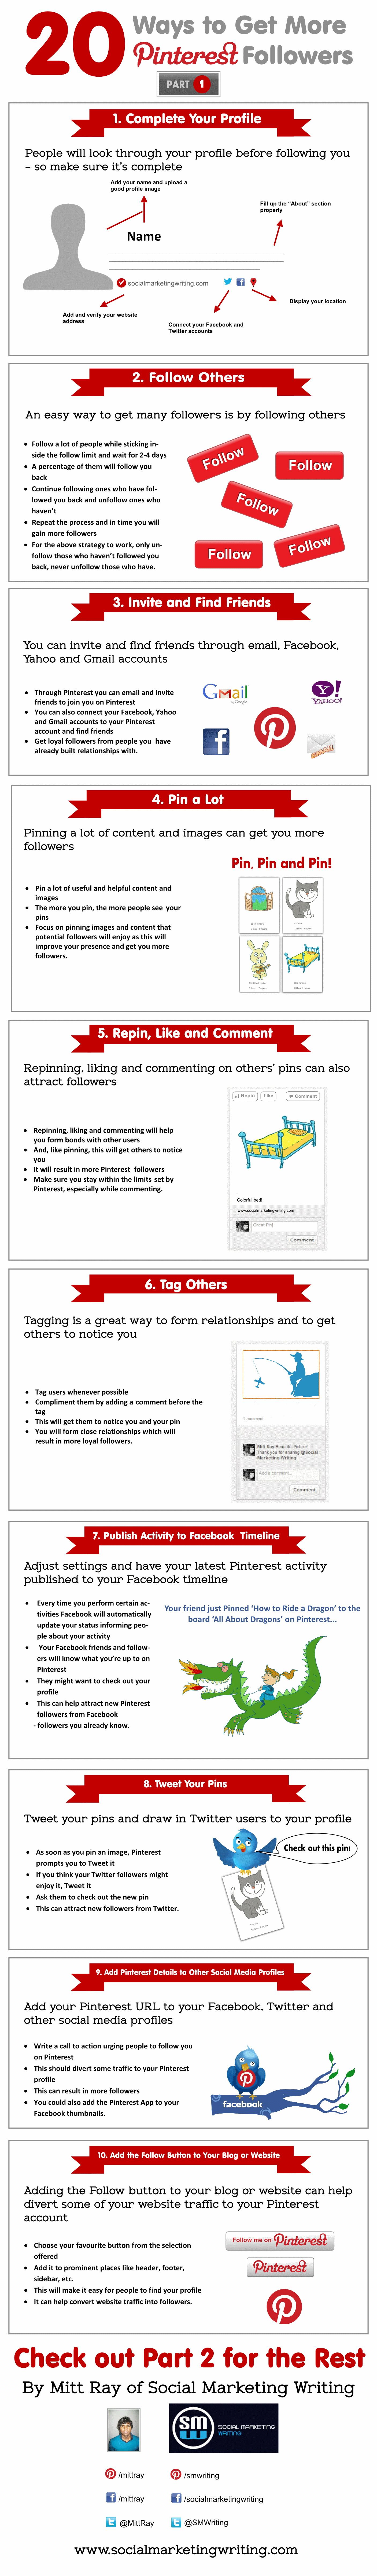 Pinterest Takipçilerinizi Artırmanın 20 Yolu